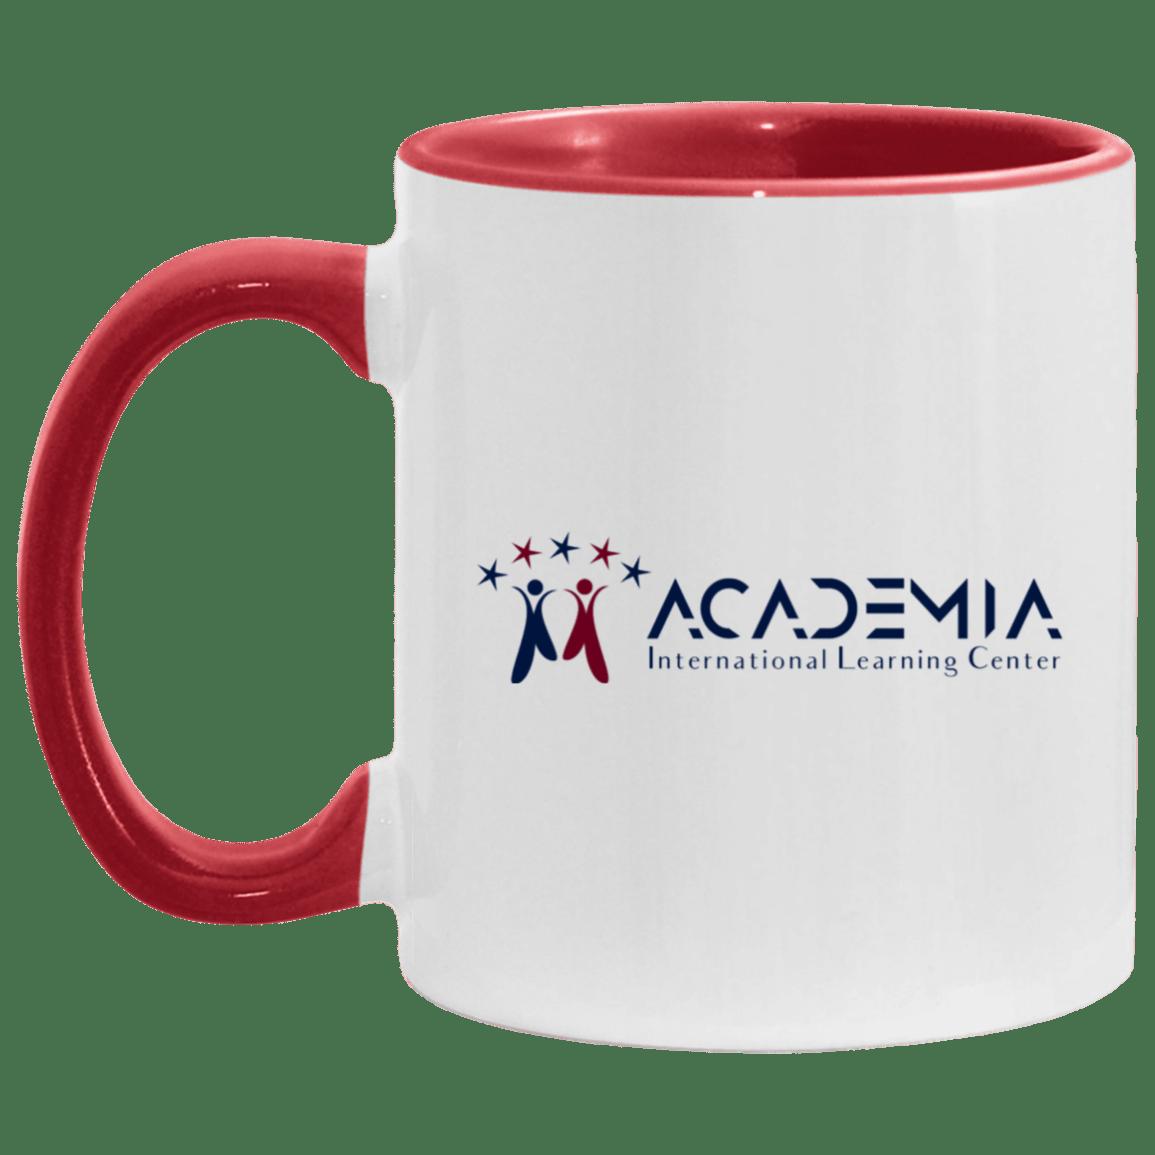 Academia International Learning Center Mug